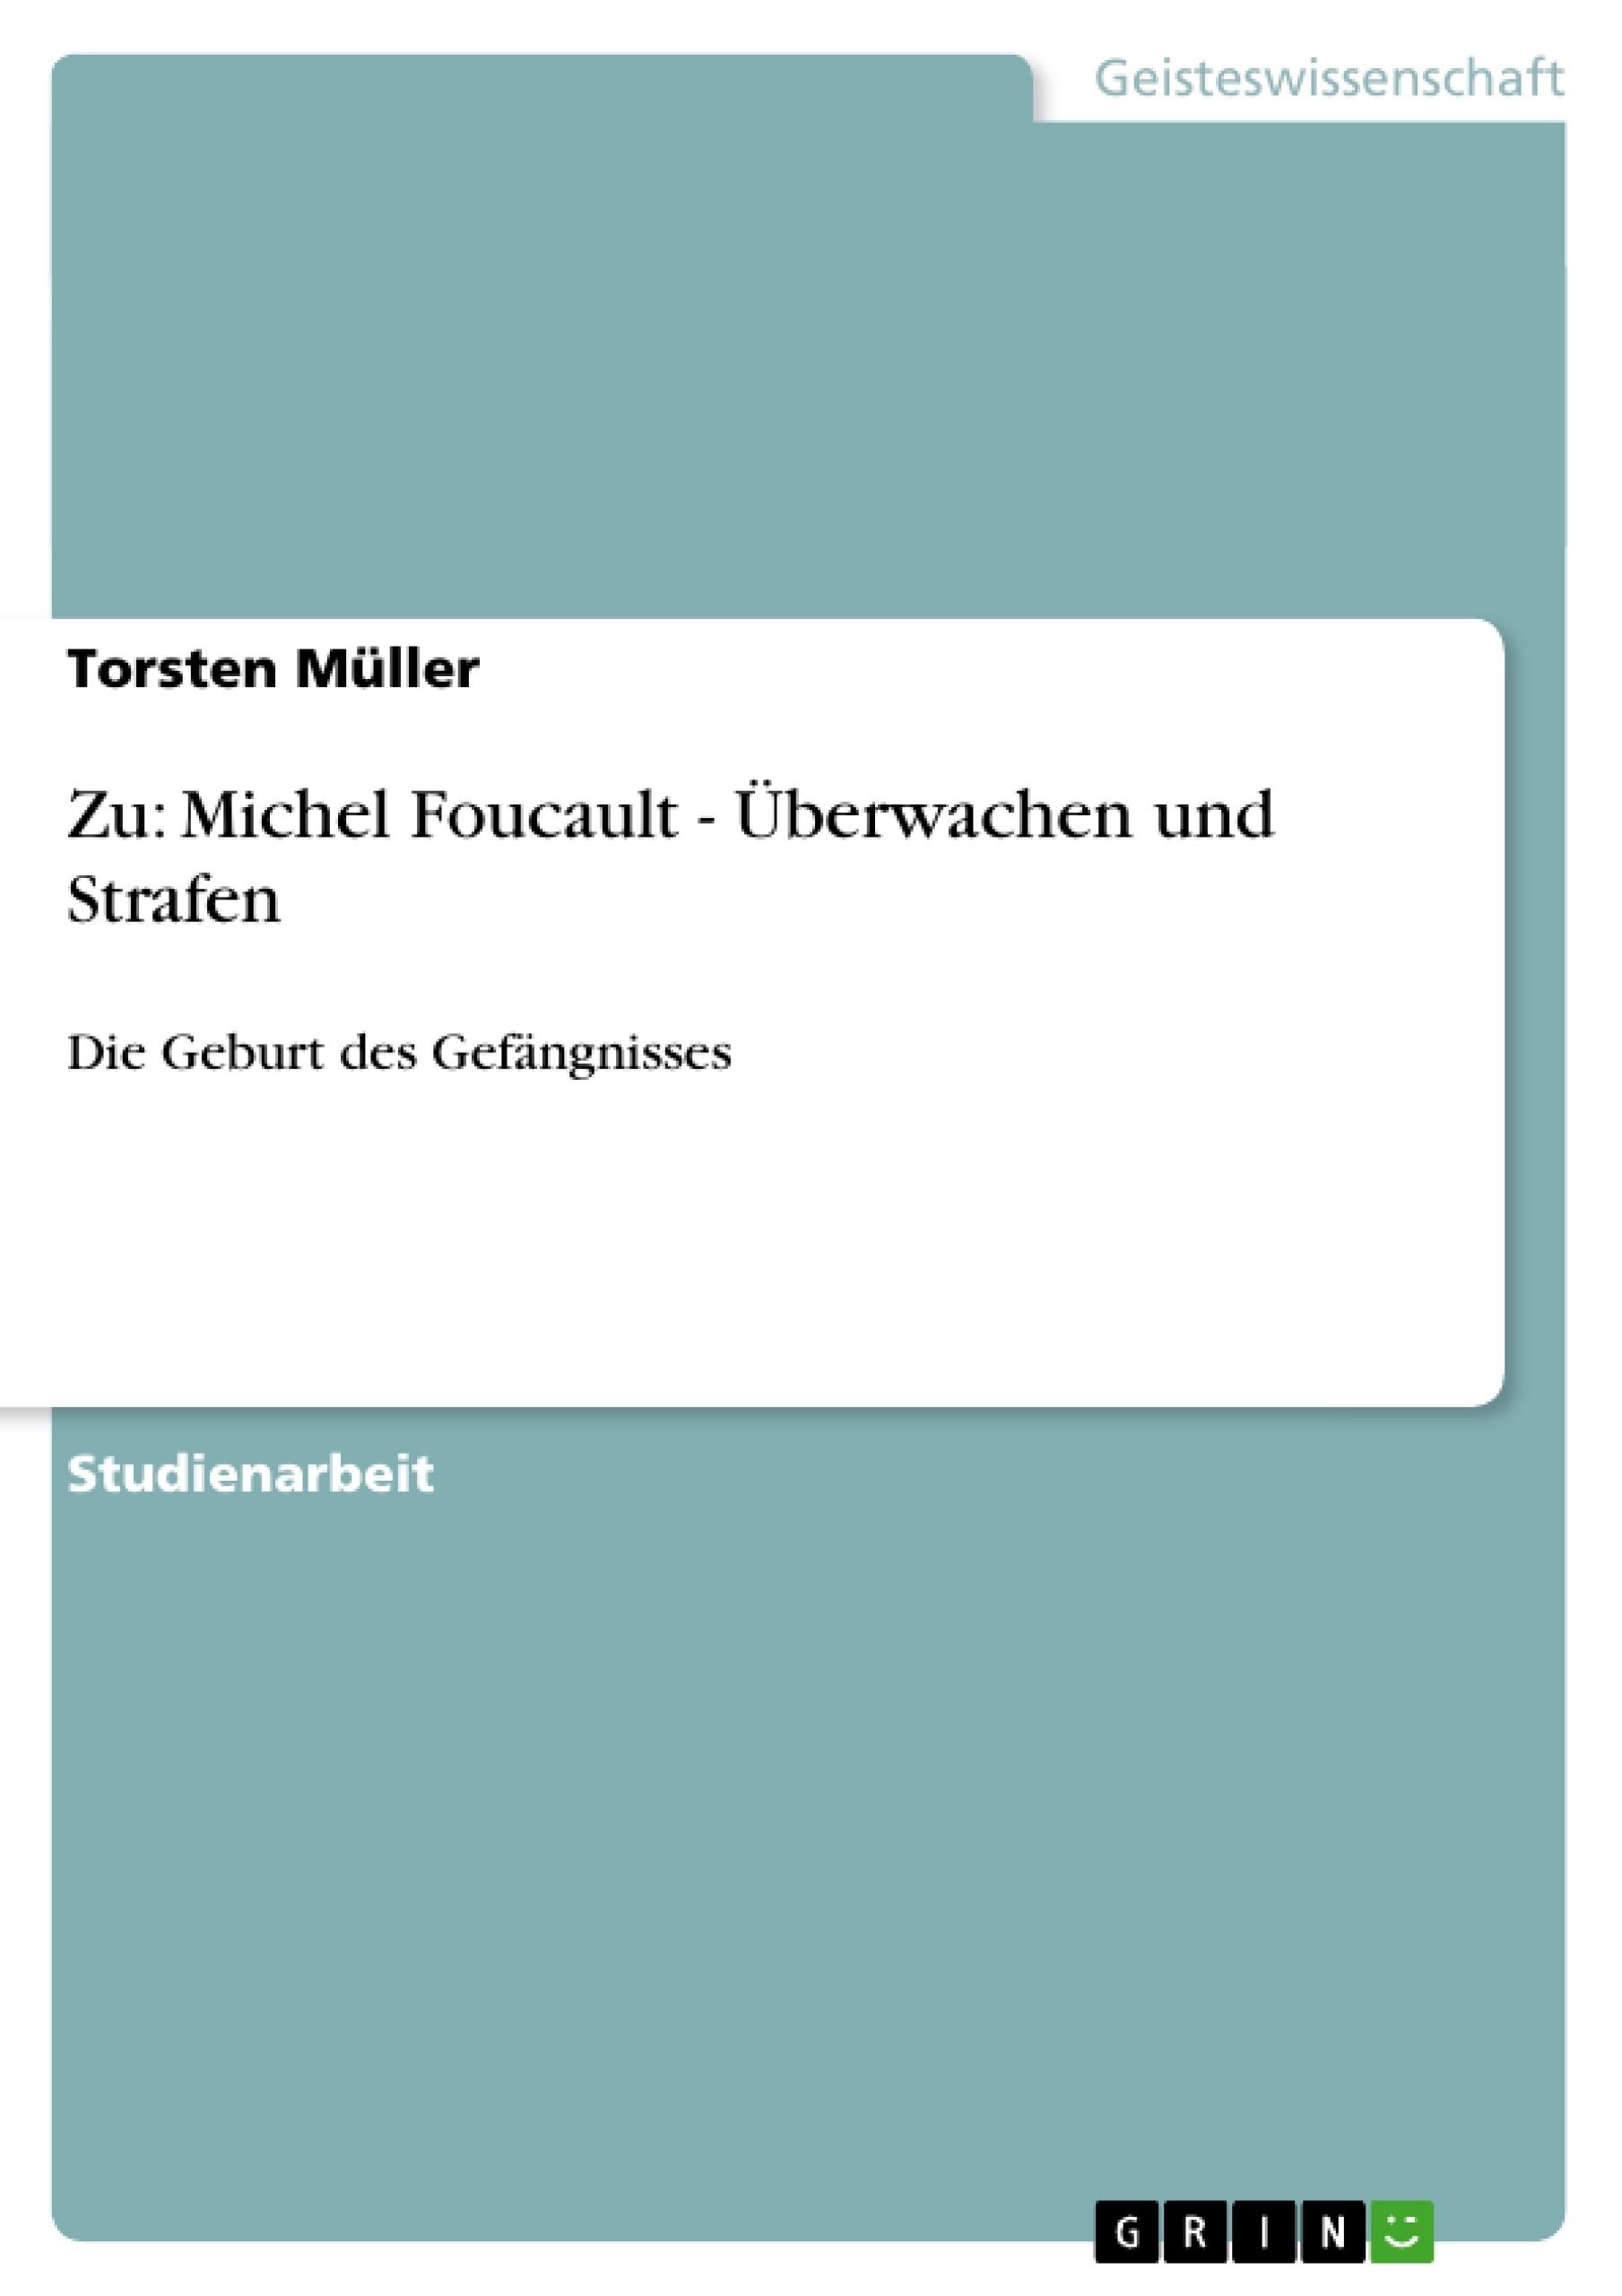 Titel: Zu: Michel Foucault - Überwachen und Strafen